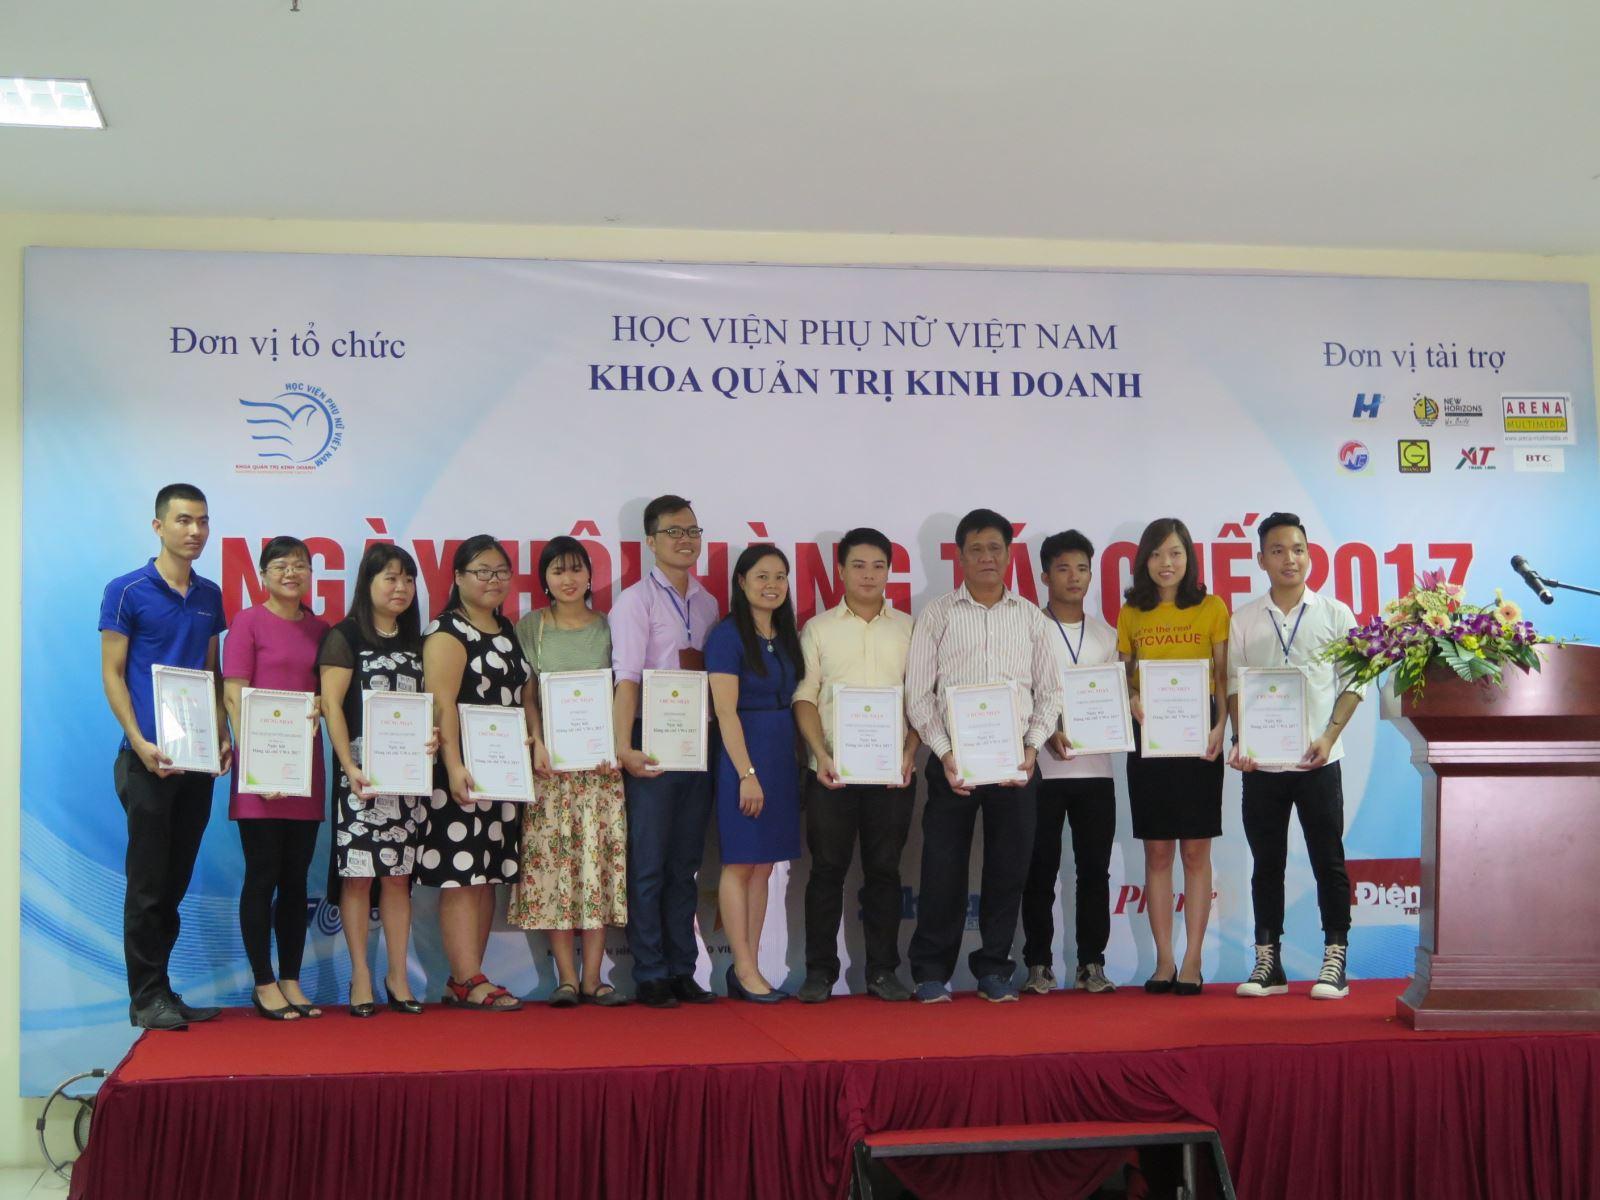 Học viện Phụ nữ Việt Nam tổ chức Ngày hội hàng tái chế 2017